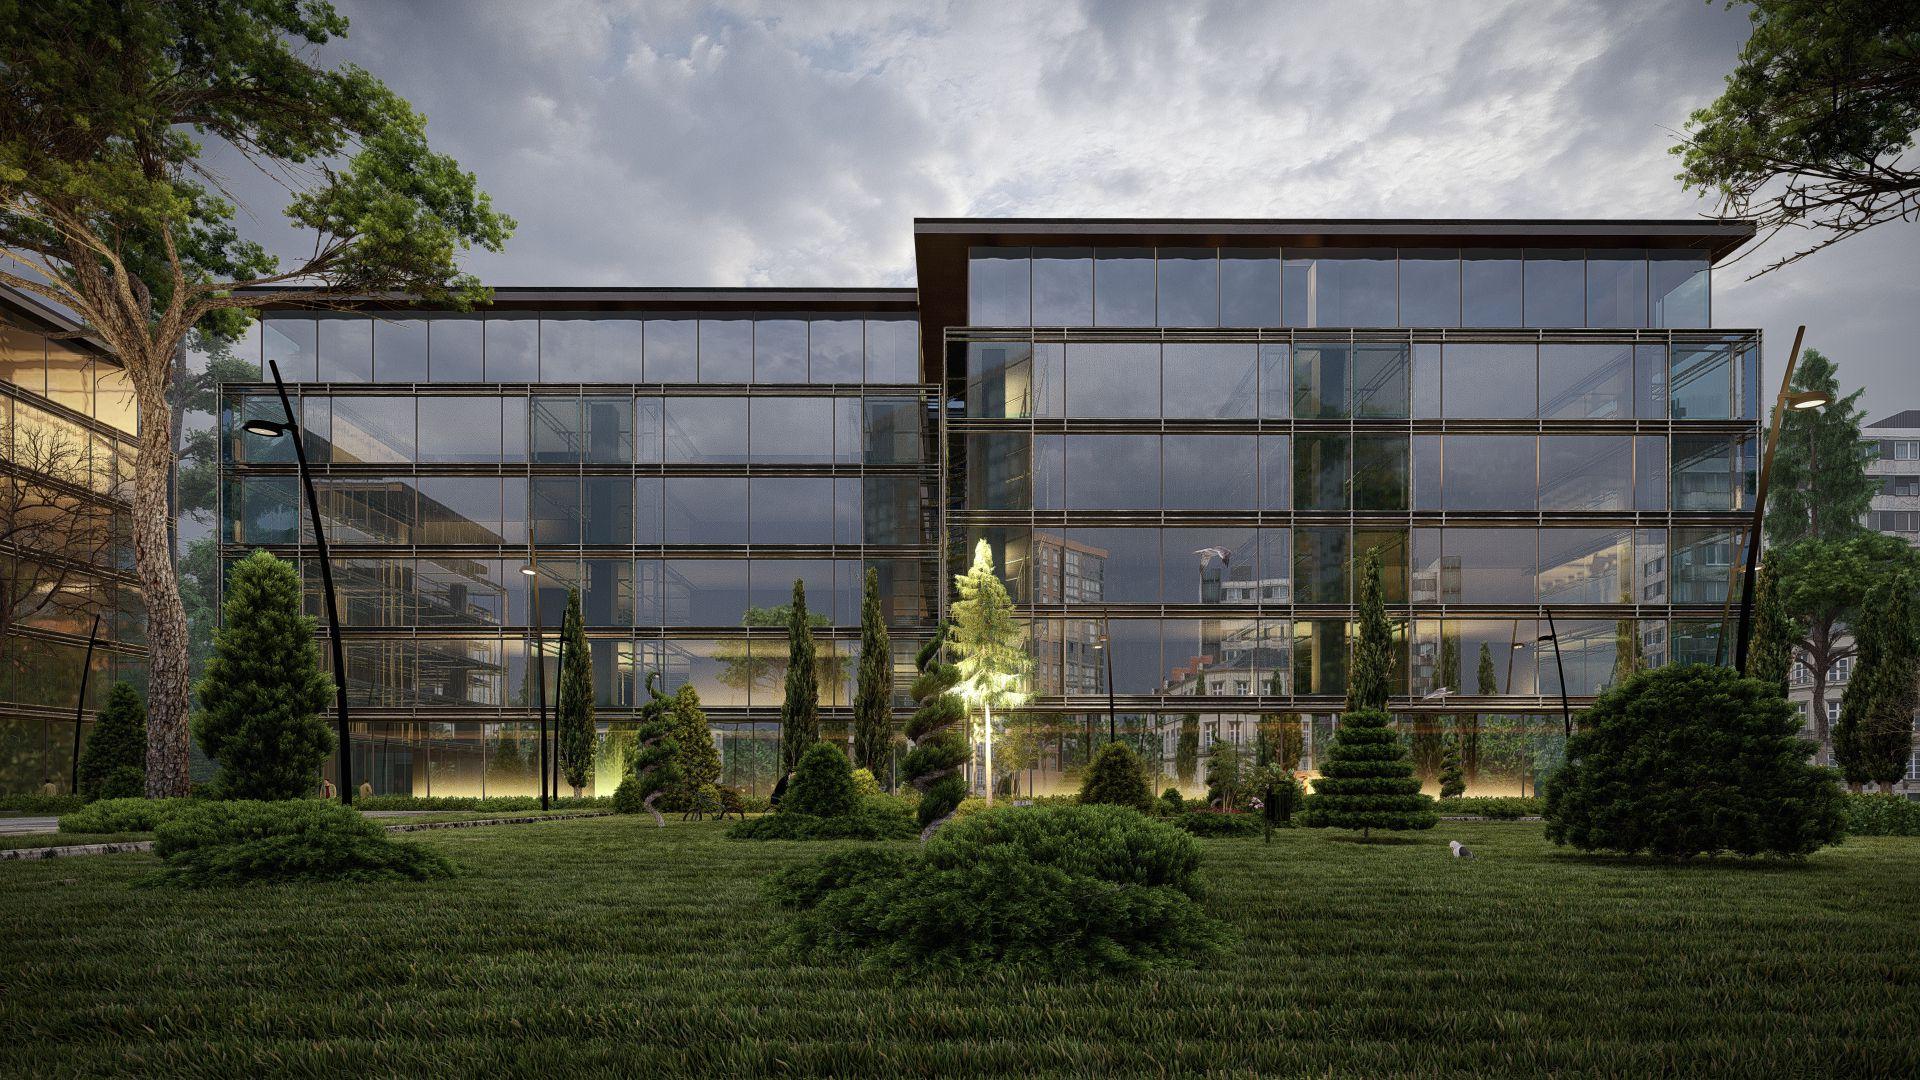 arhitektuurne 3d pilt hoone visualiseerimine 152 12 Photo